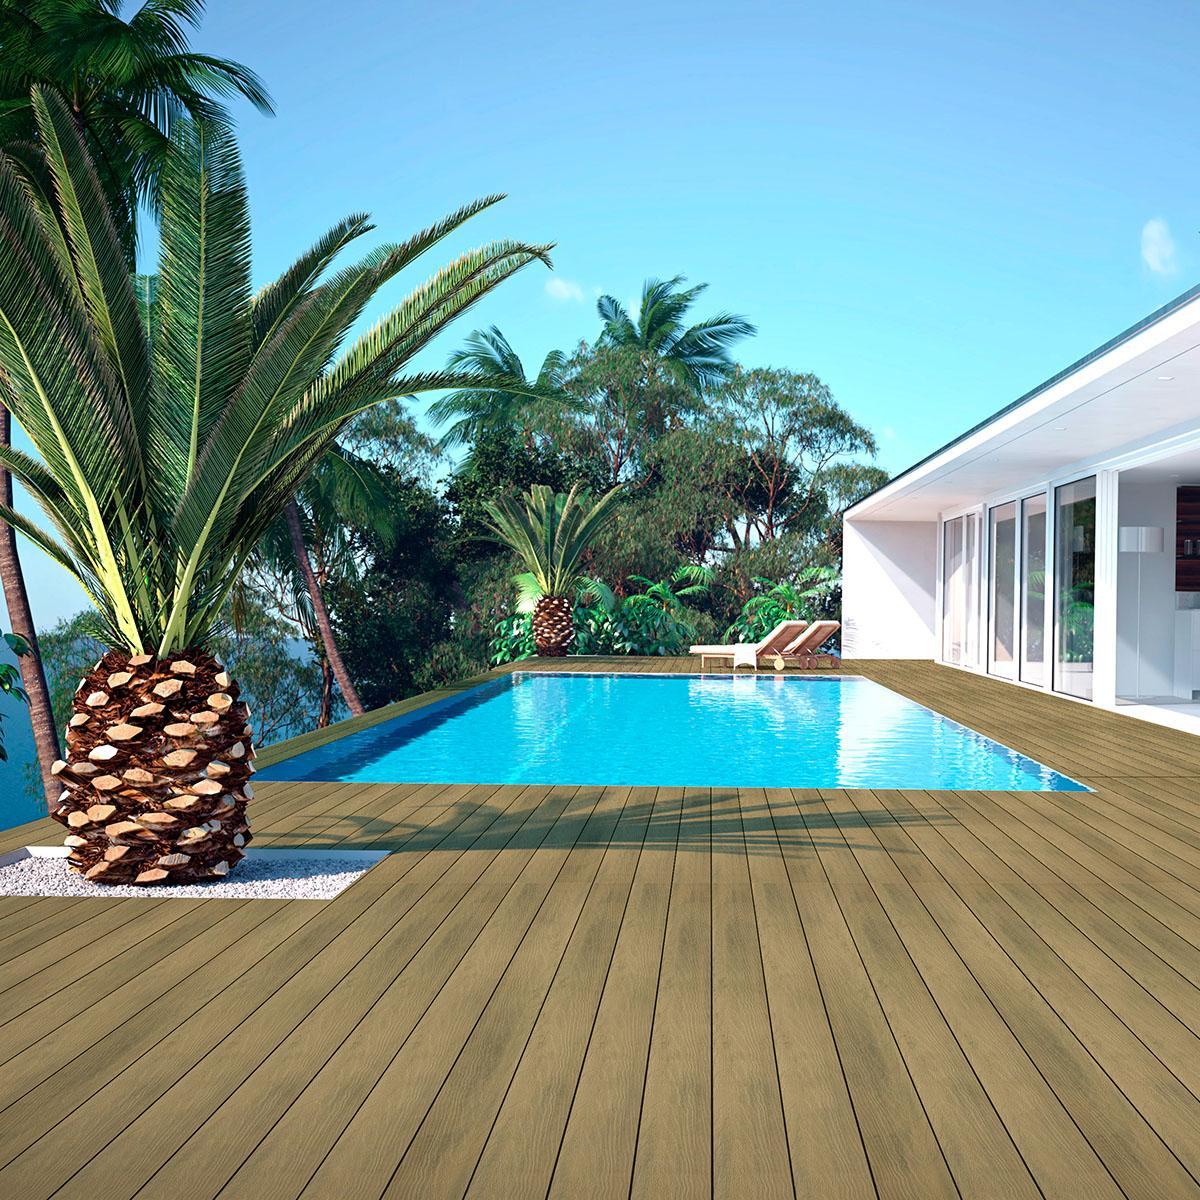 Piso Deck White Beige Mate - 14X290 - 0.42 m2